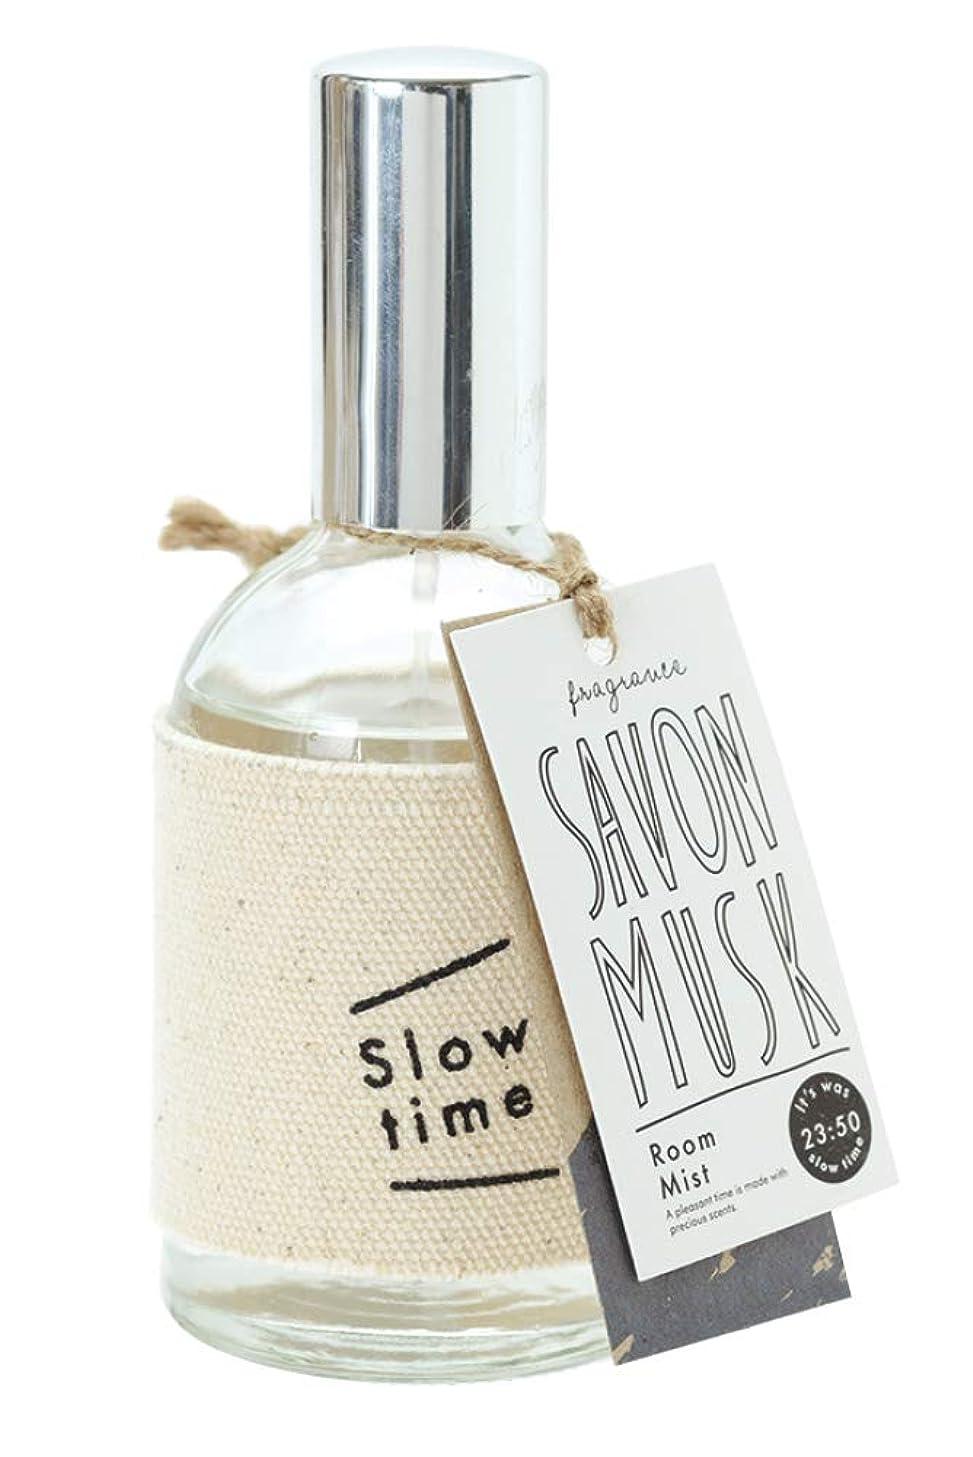 サーマルマッシュ冷淡なノルコーポレーション ルームミスト スロータイム 消臭成分配合 サボンムスク ムスクの香り 90ml SWT-2-03